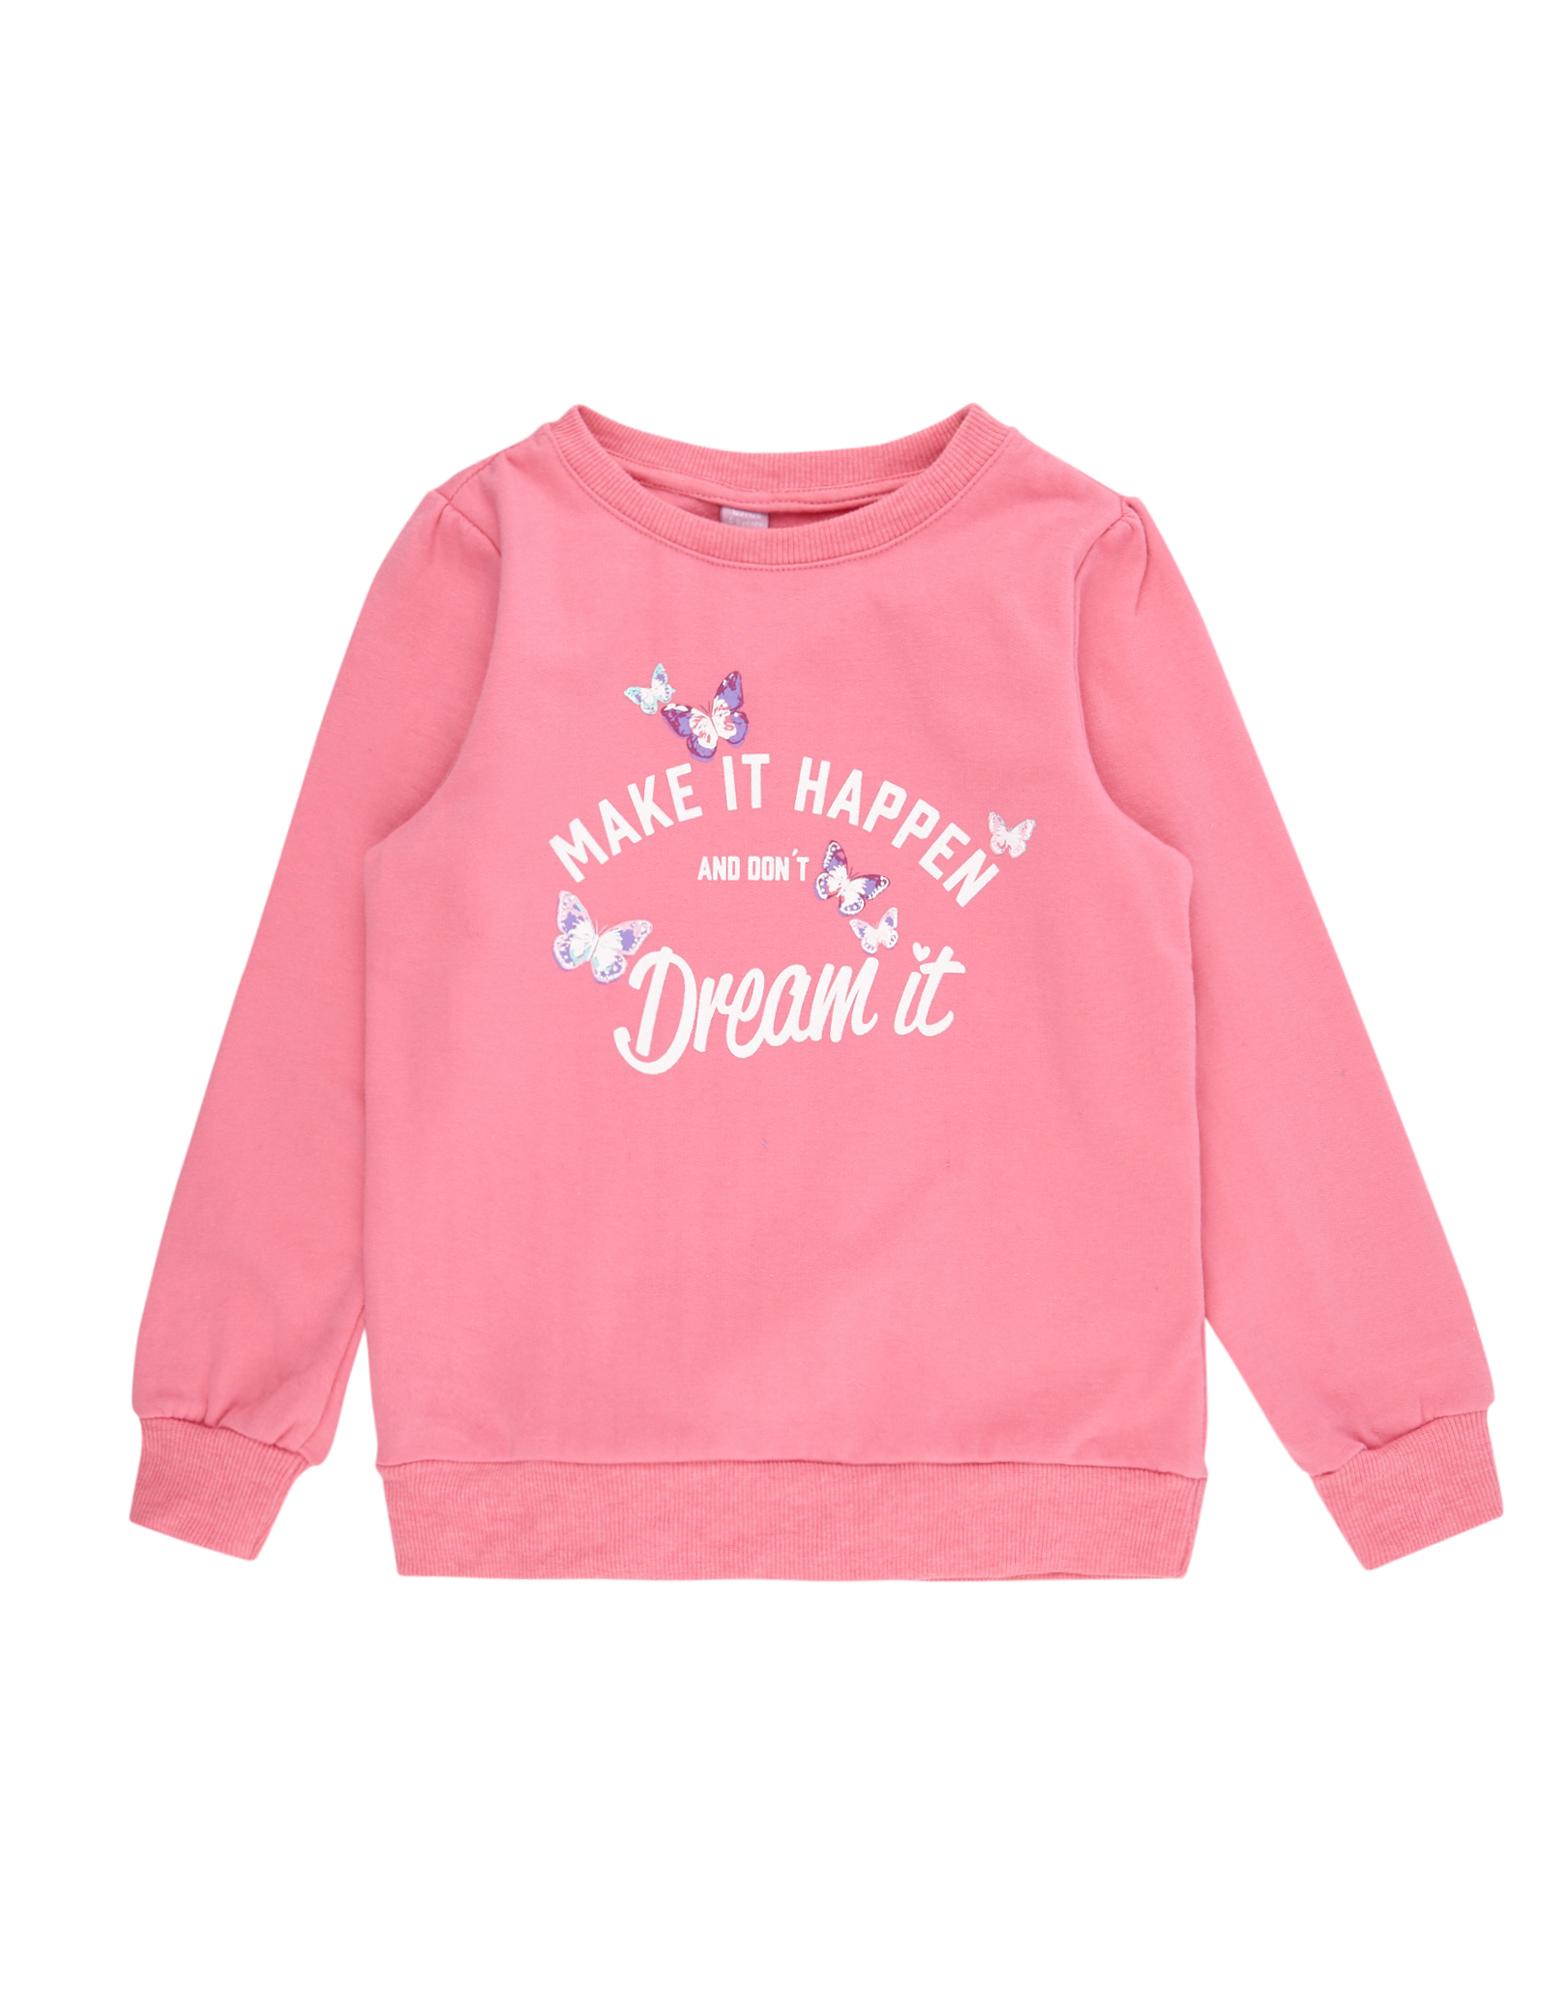 Mädchen Sweatshirt mit Messge-Print  | 81487251020400